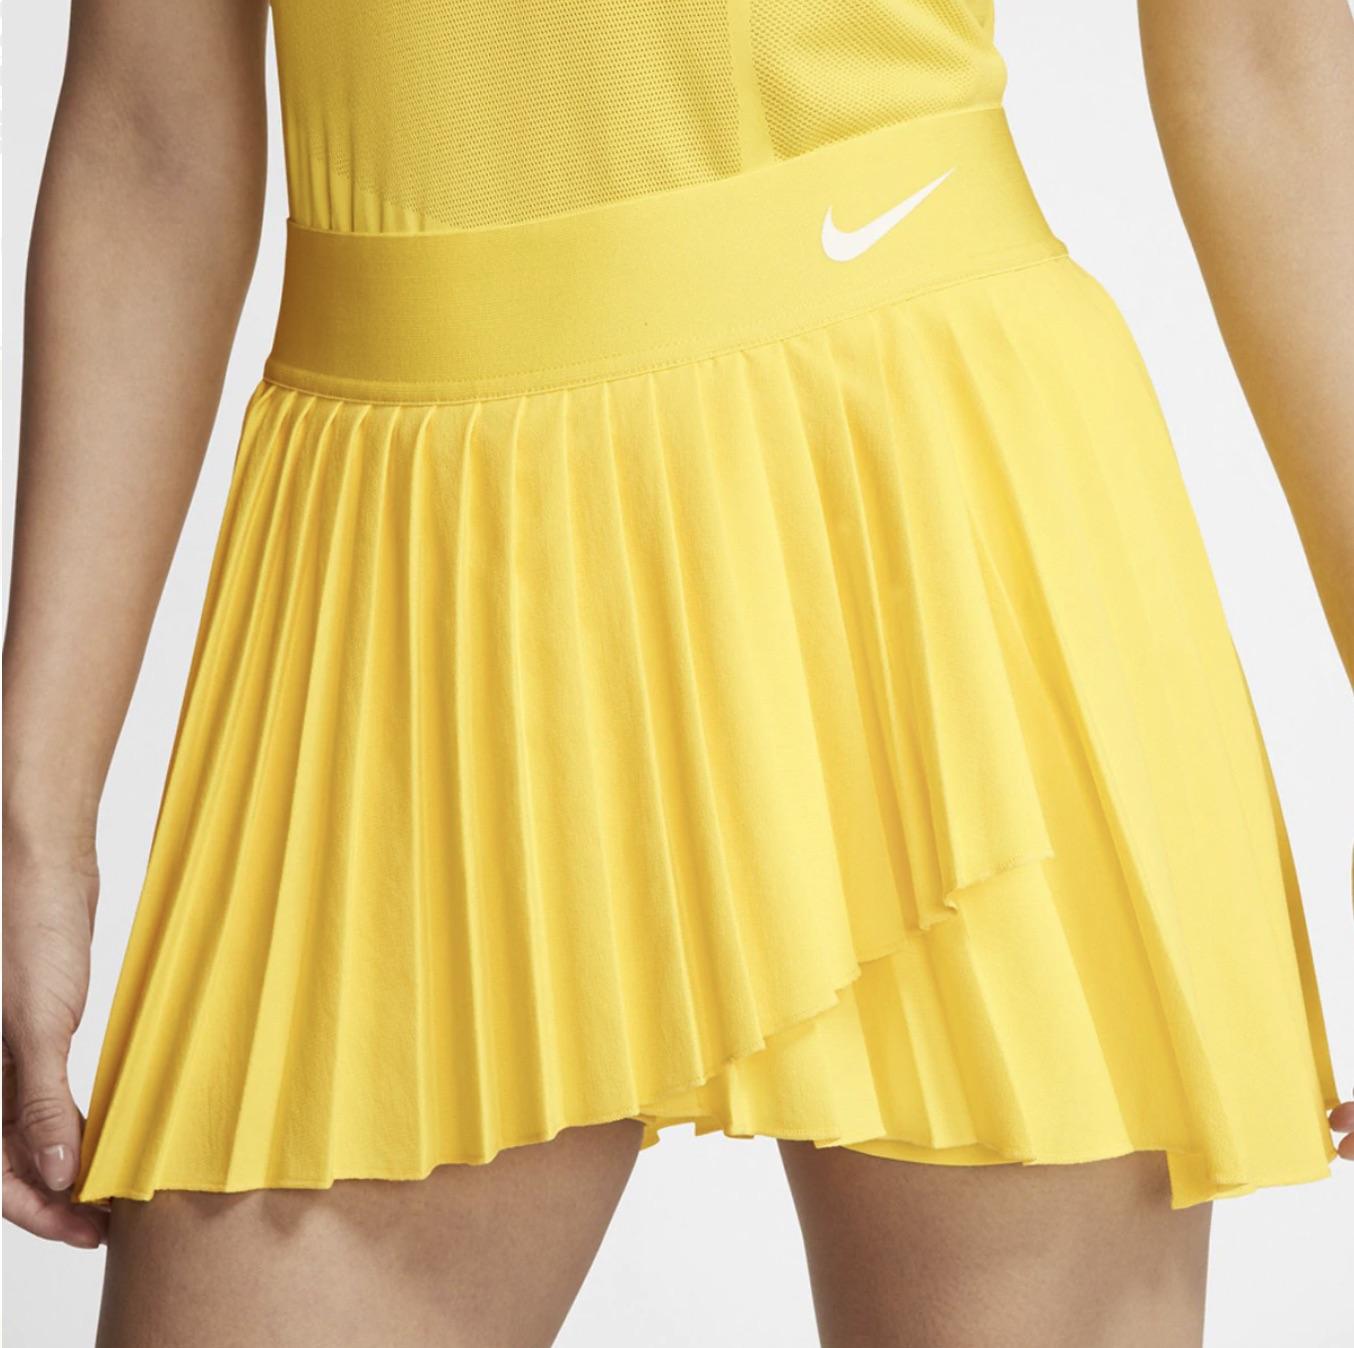 La falda NikeCourt Victory eleva un elemento básico de tenis con tela elástica y pliegues que se mueven contigo mientras dominas la cancha. Diseño Stay-Dry La tecnología Dri-FIT te ayuda a mantenerte seco y cómodo.